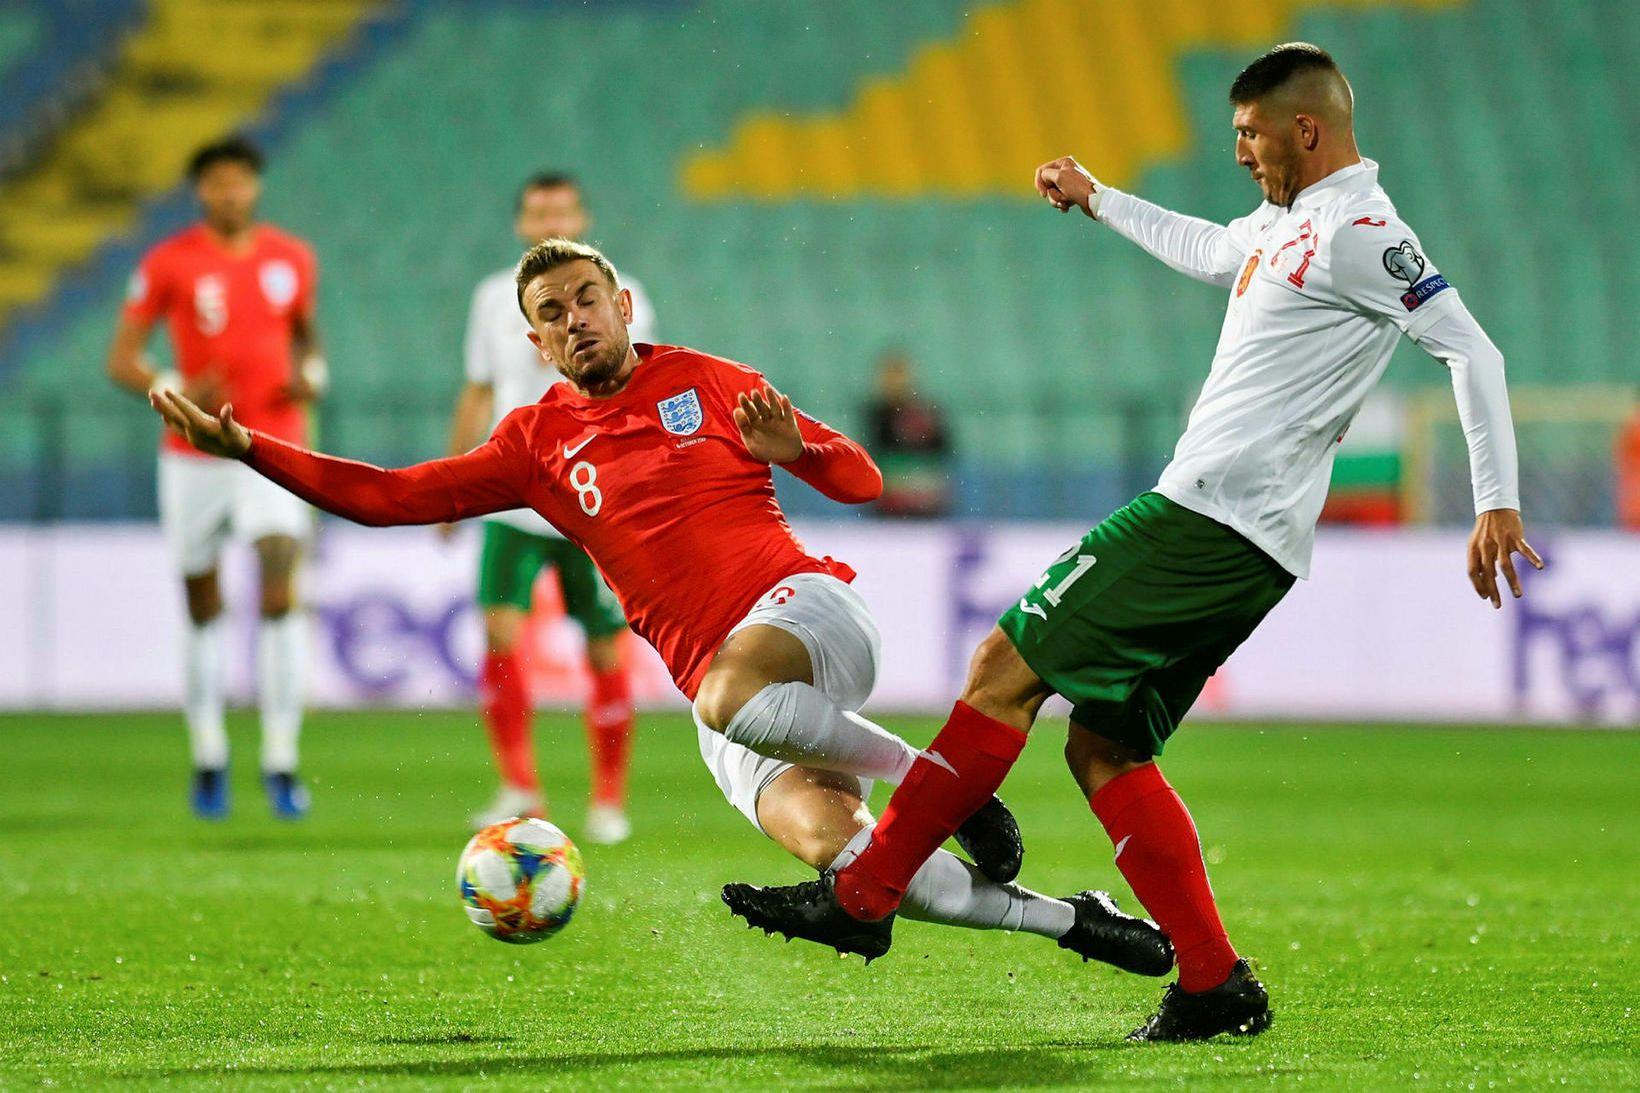 Frá viðureign Búlgaríu og Englands á dögunum.